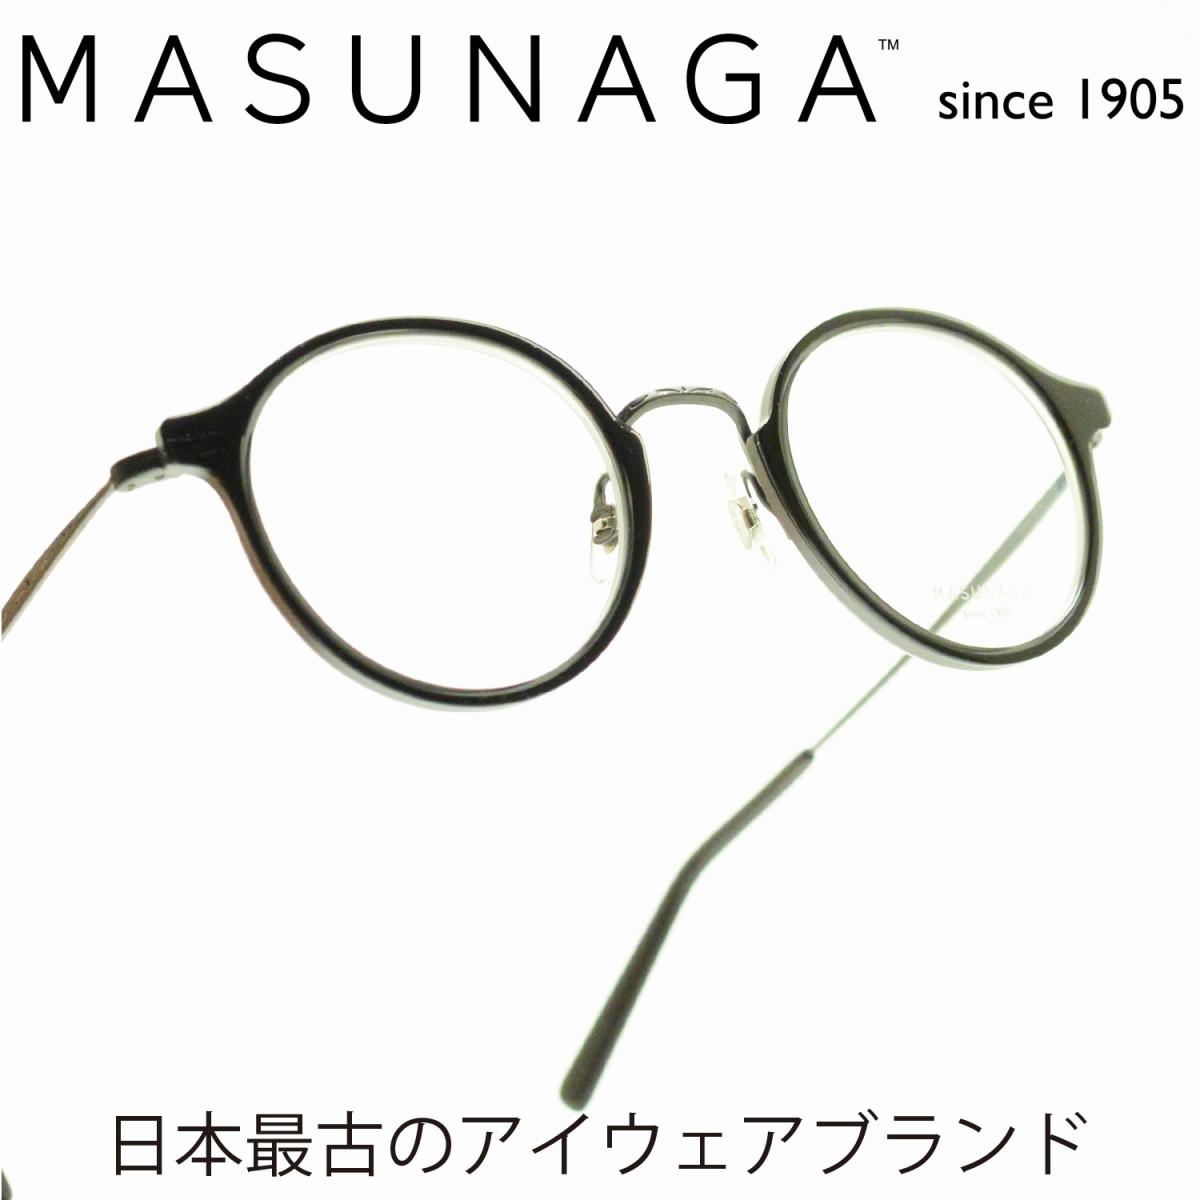 増永眼鏡 MASUNAGA GMS-826 col-49 BK/BKメガネ 眼鏡 めがね メンズ レディース おしゃれ ブランド 人気 おすすめ フレーム 流行り 度付き レンズ